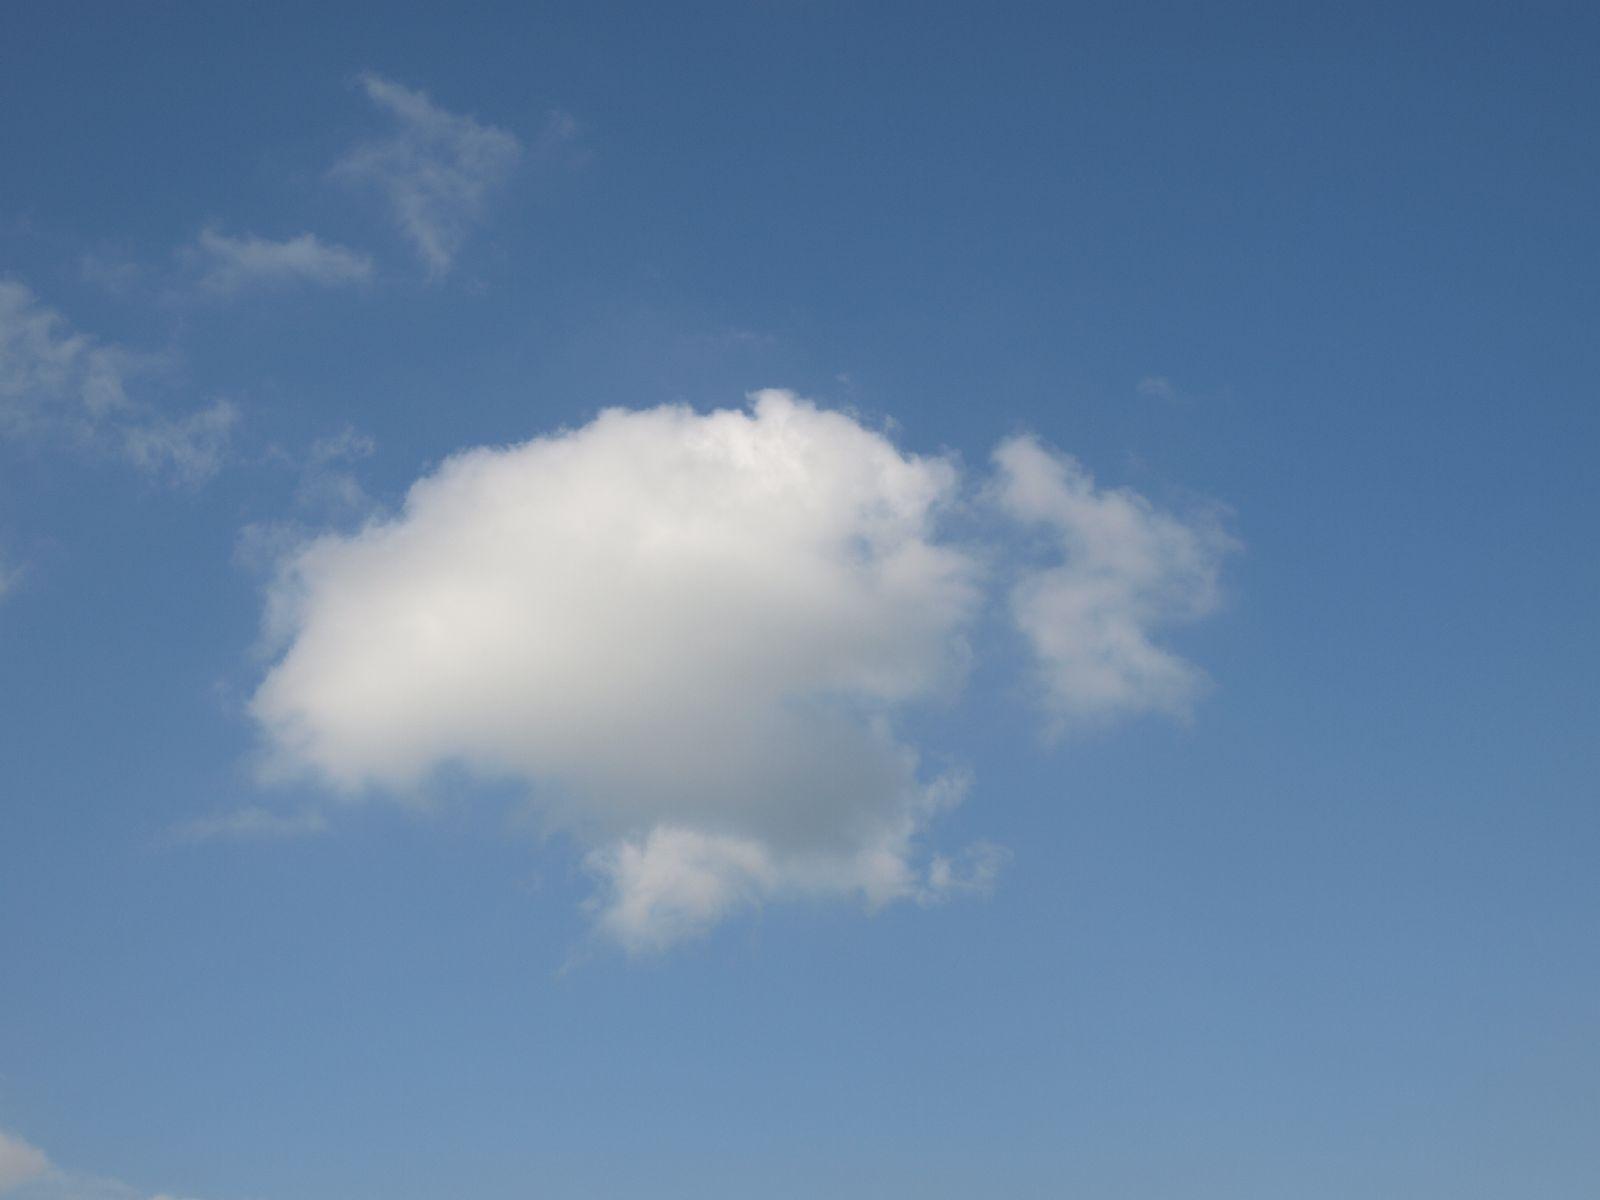 Himmel-Wolken-Foto_Textur_A_P4192467